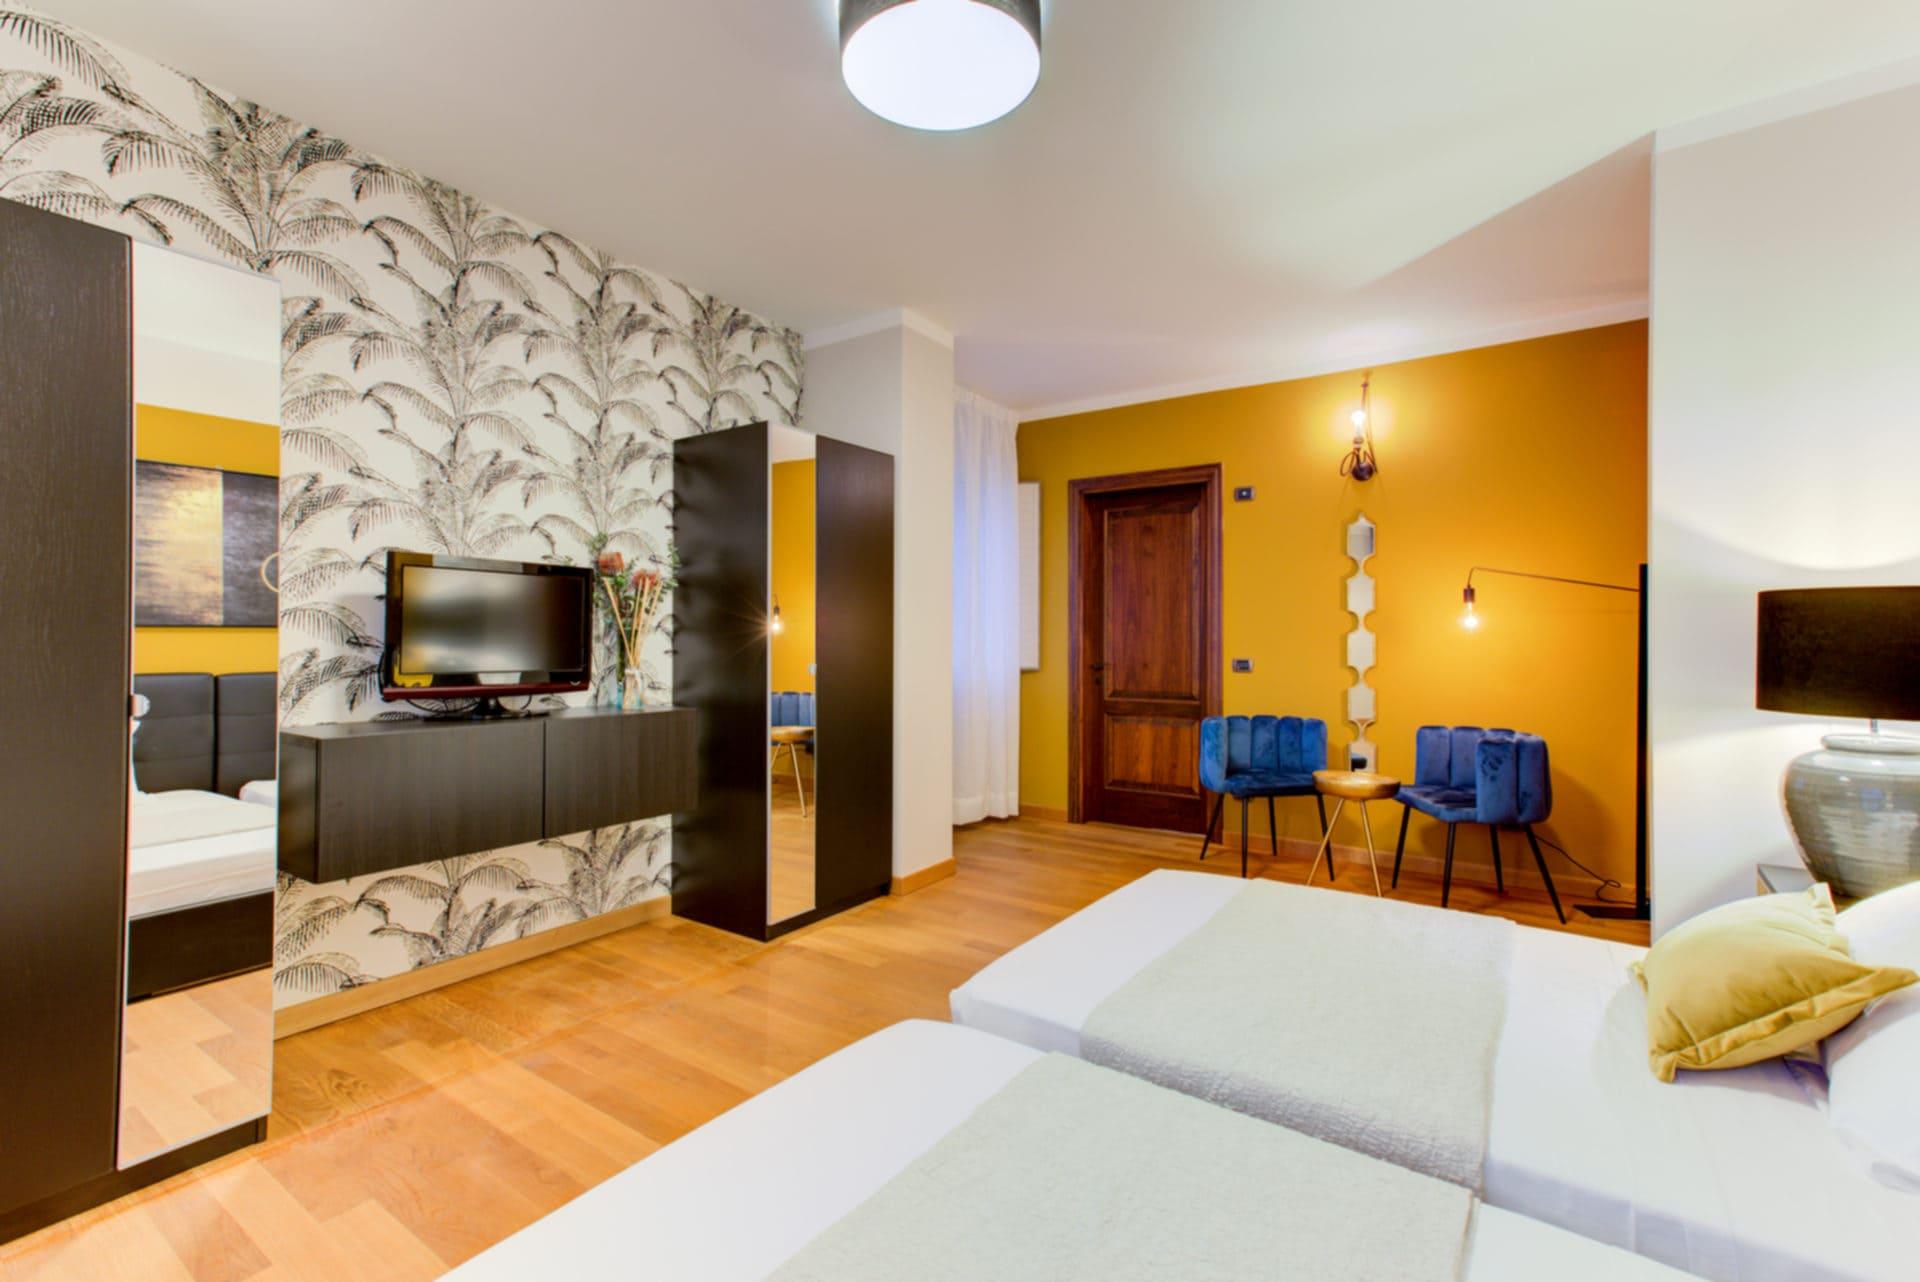 foto d'interni camera hotel